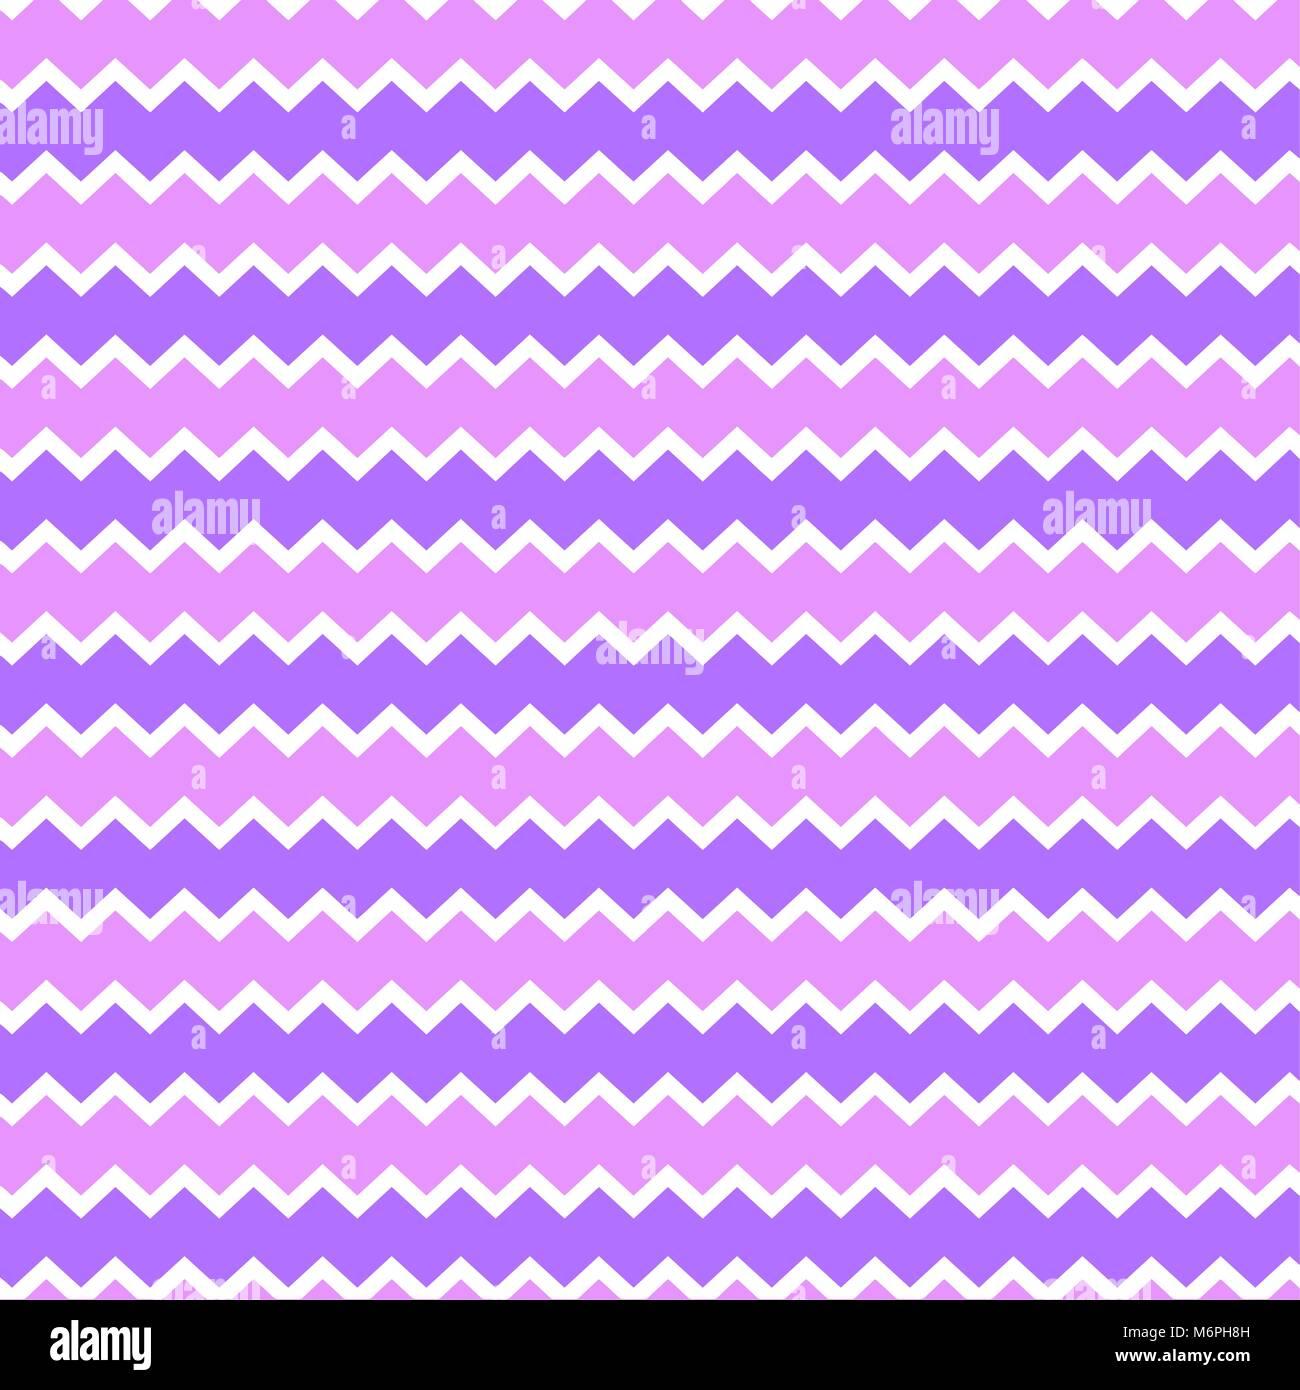 Motif En Zigzag Simple Mode Image Illustration Riche Creatif